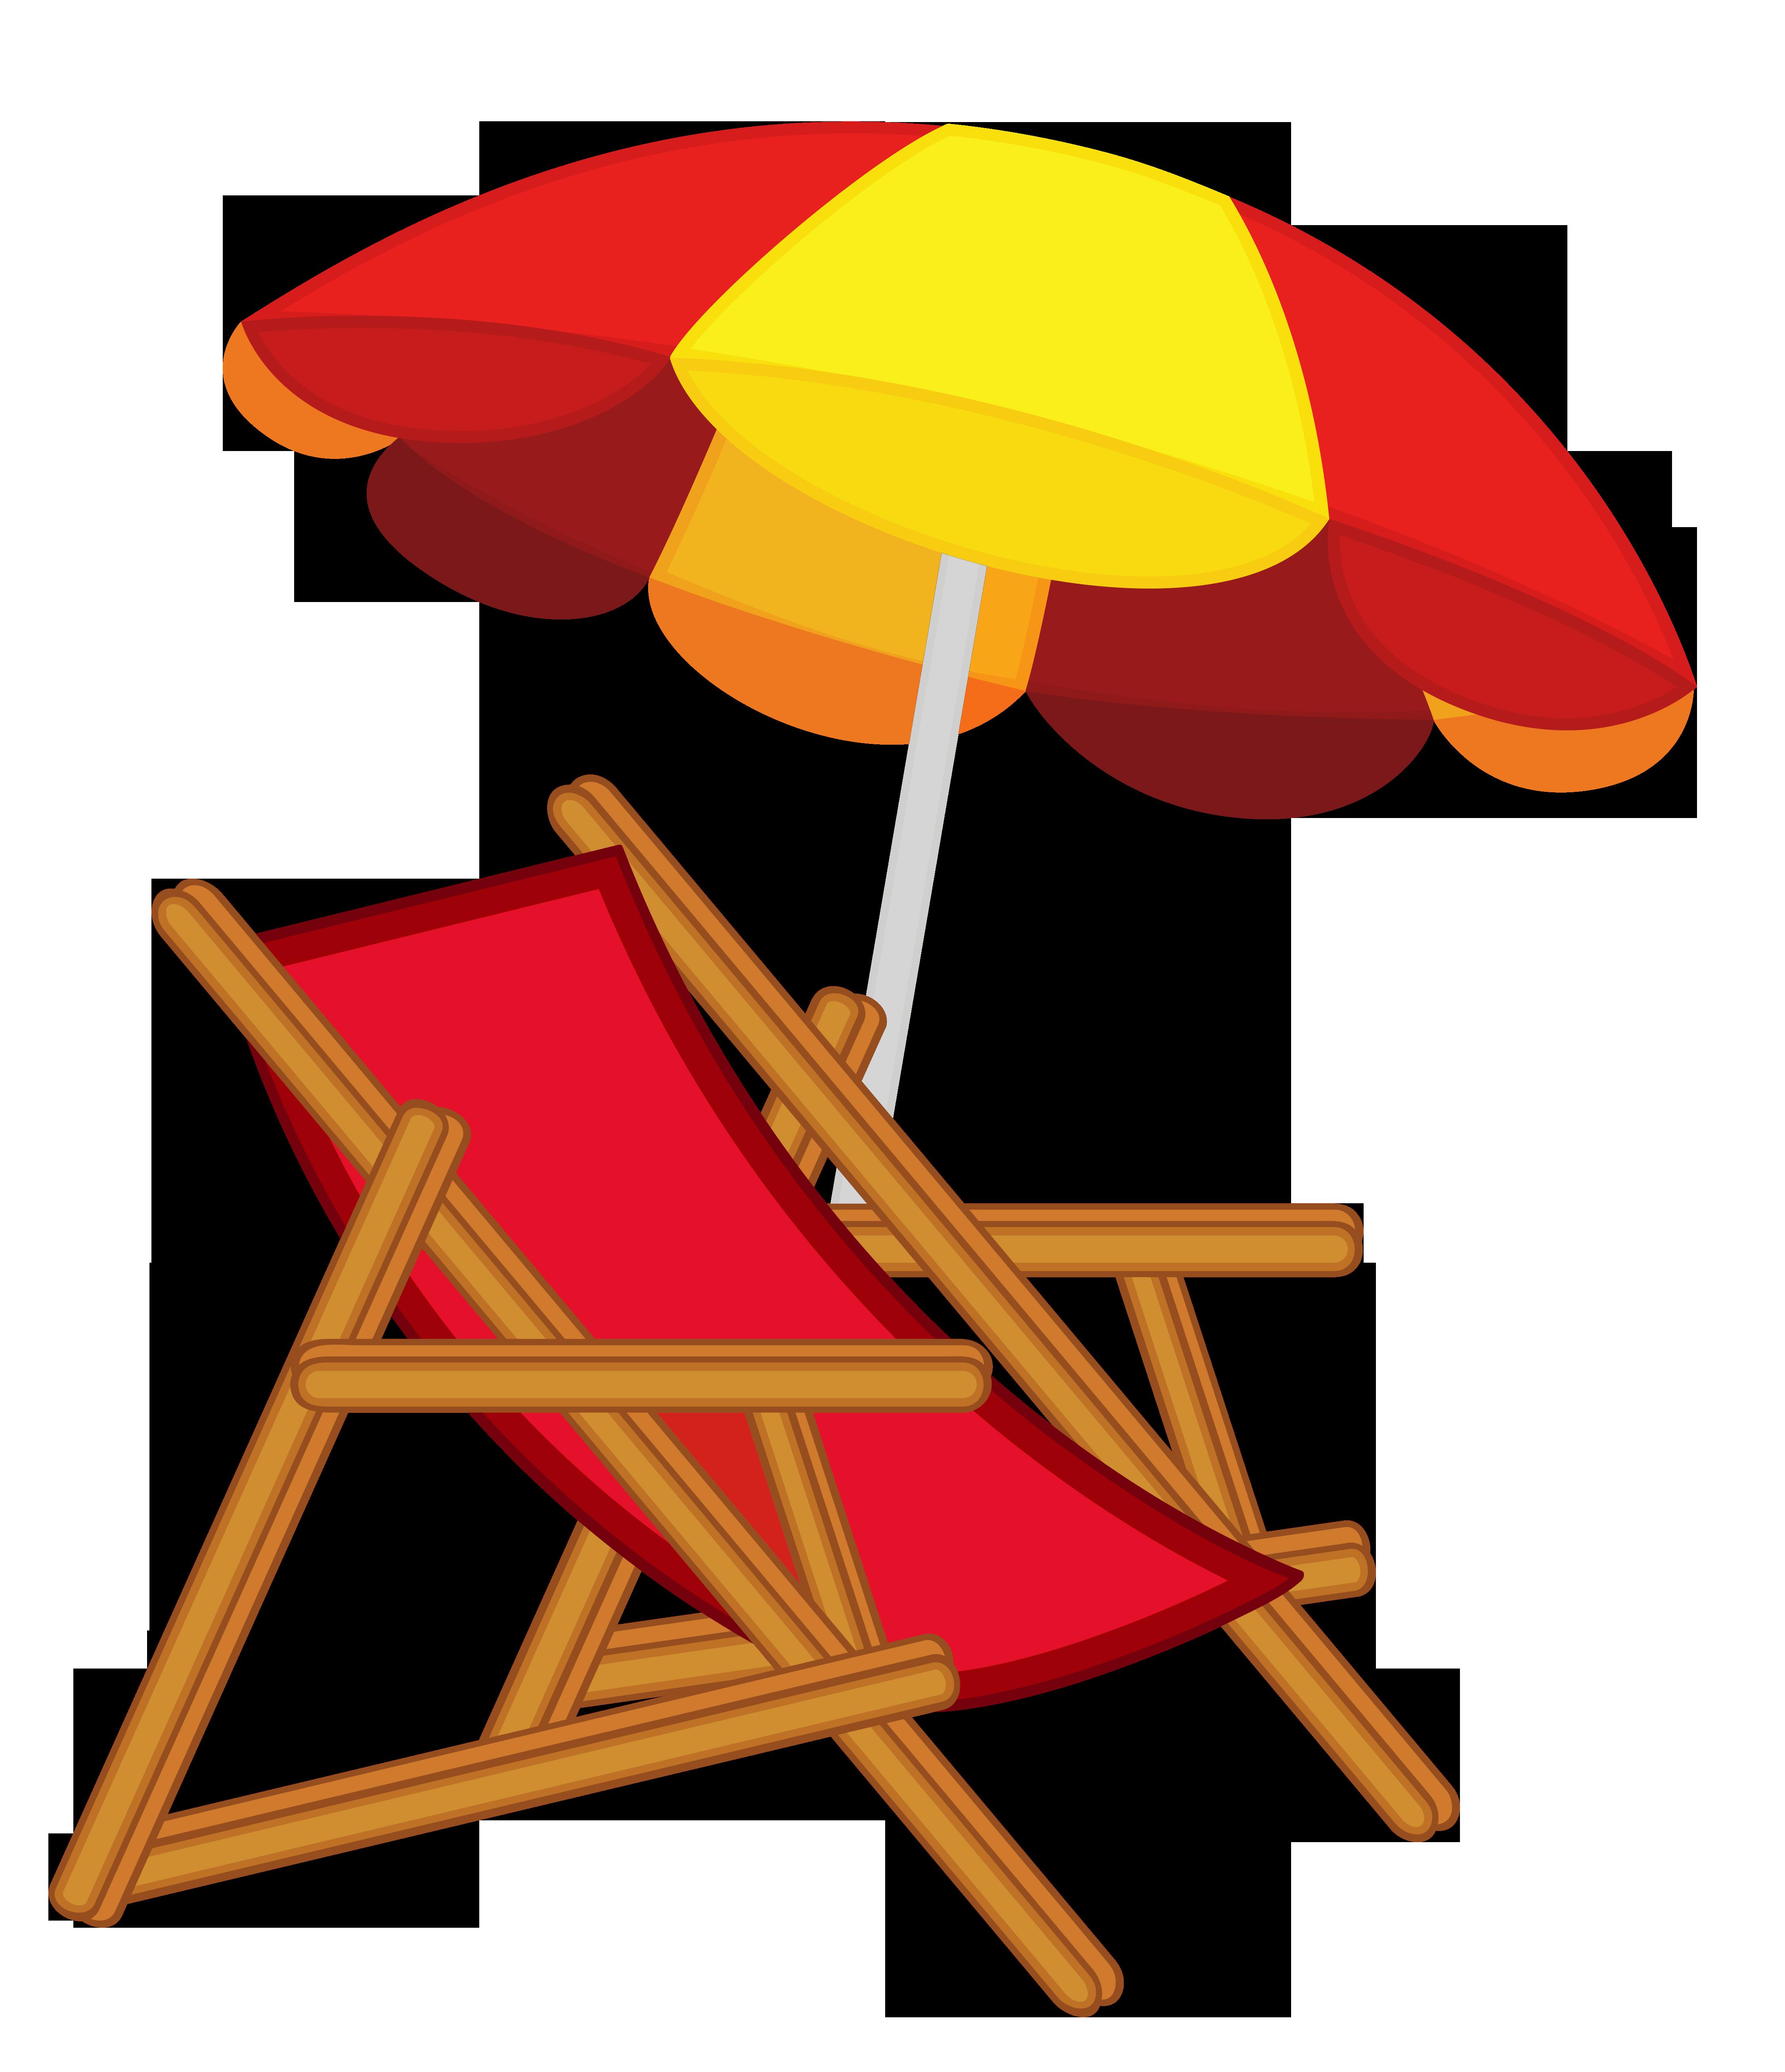 Eames Lounge Chair Beach Clip art.